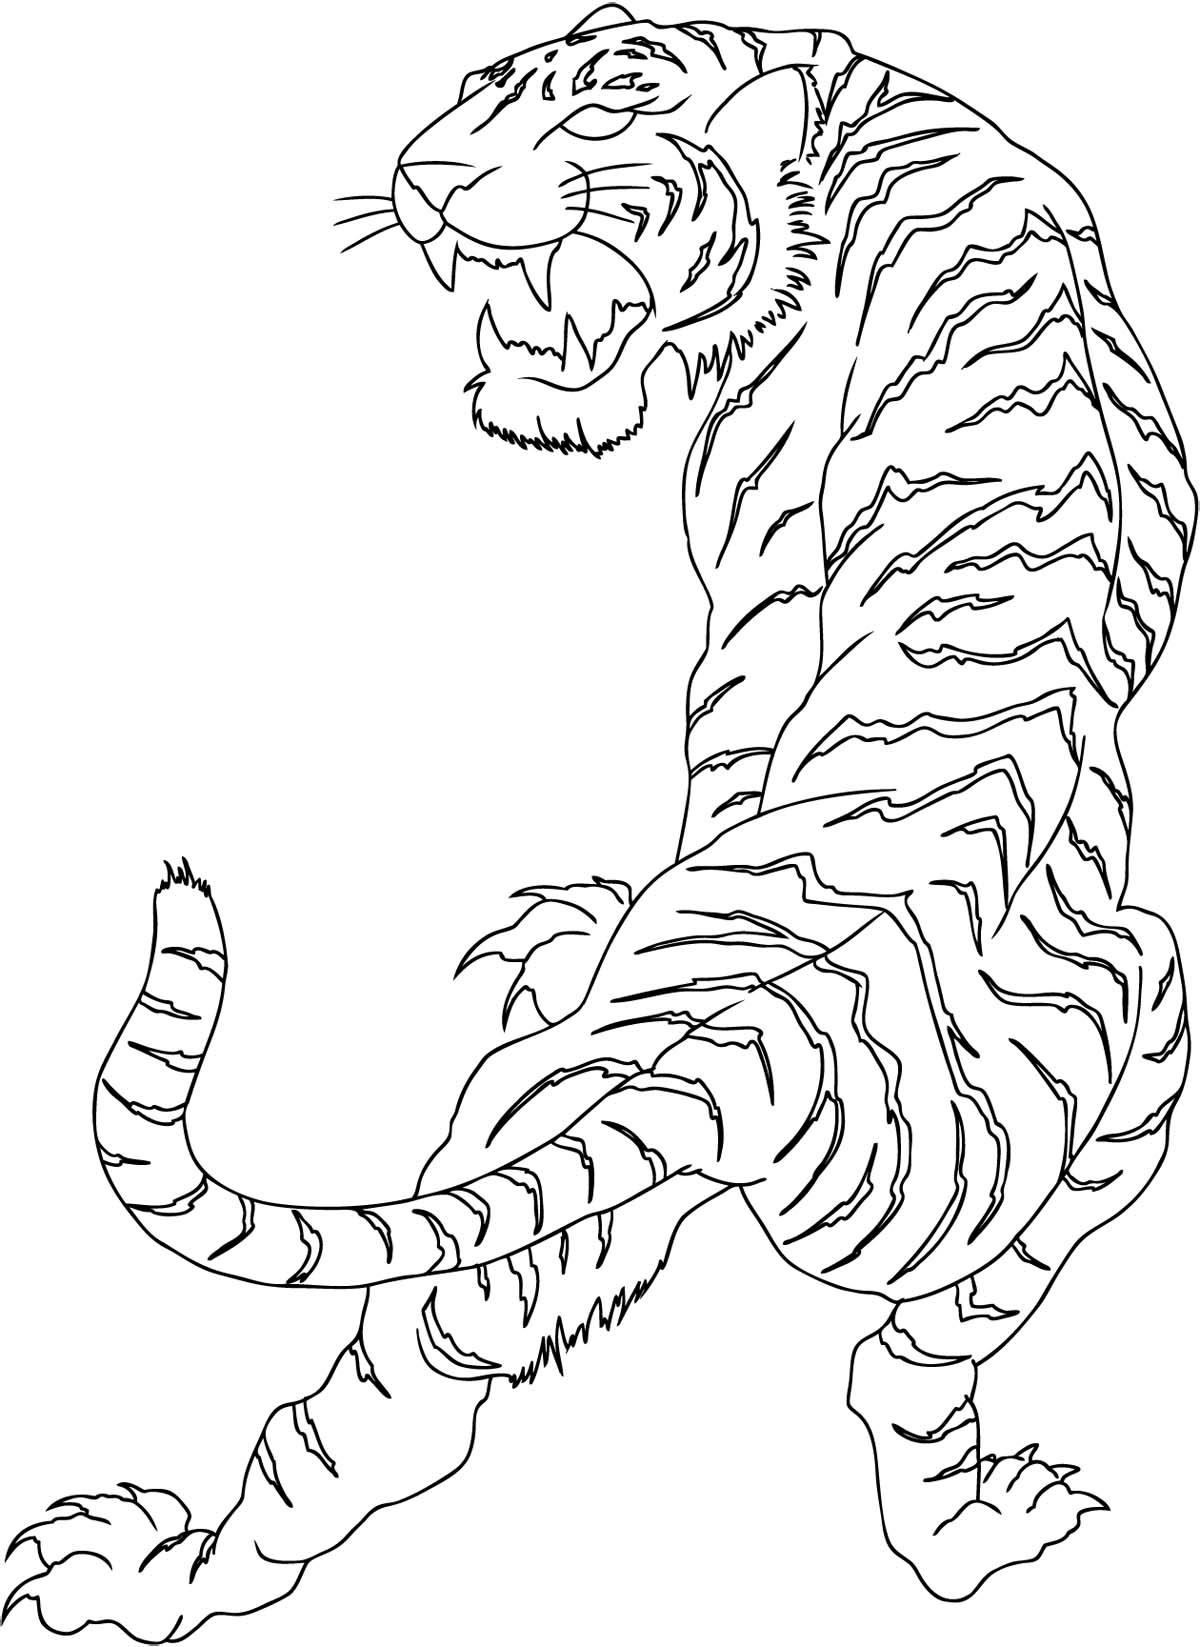 Simple Full Size Tribal Tiger Tattoo Design Tattooimages Biz